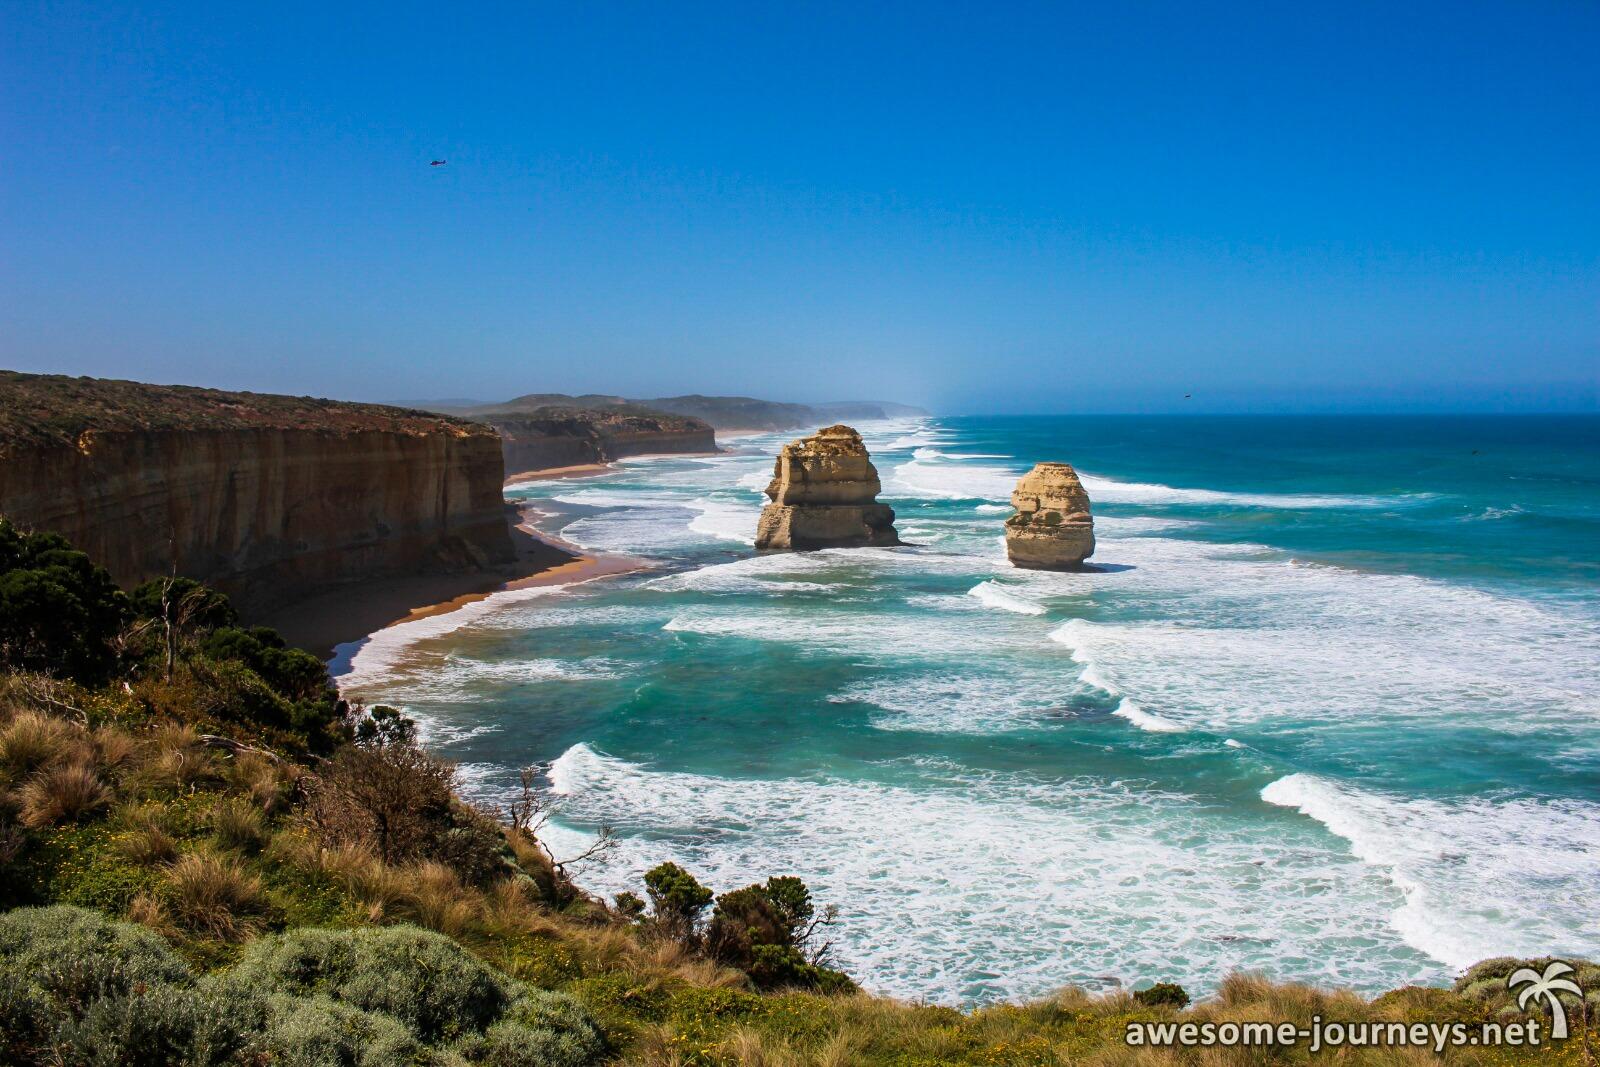 australien_great_ocean_road_twelveapostles_3